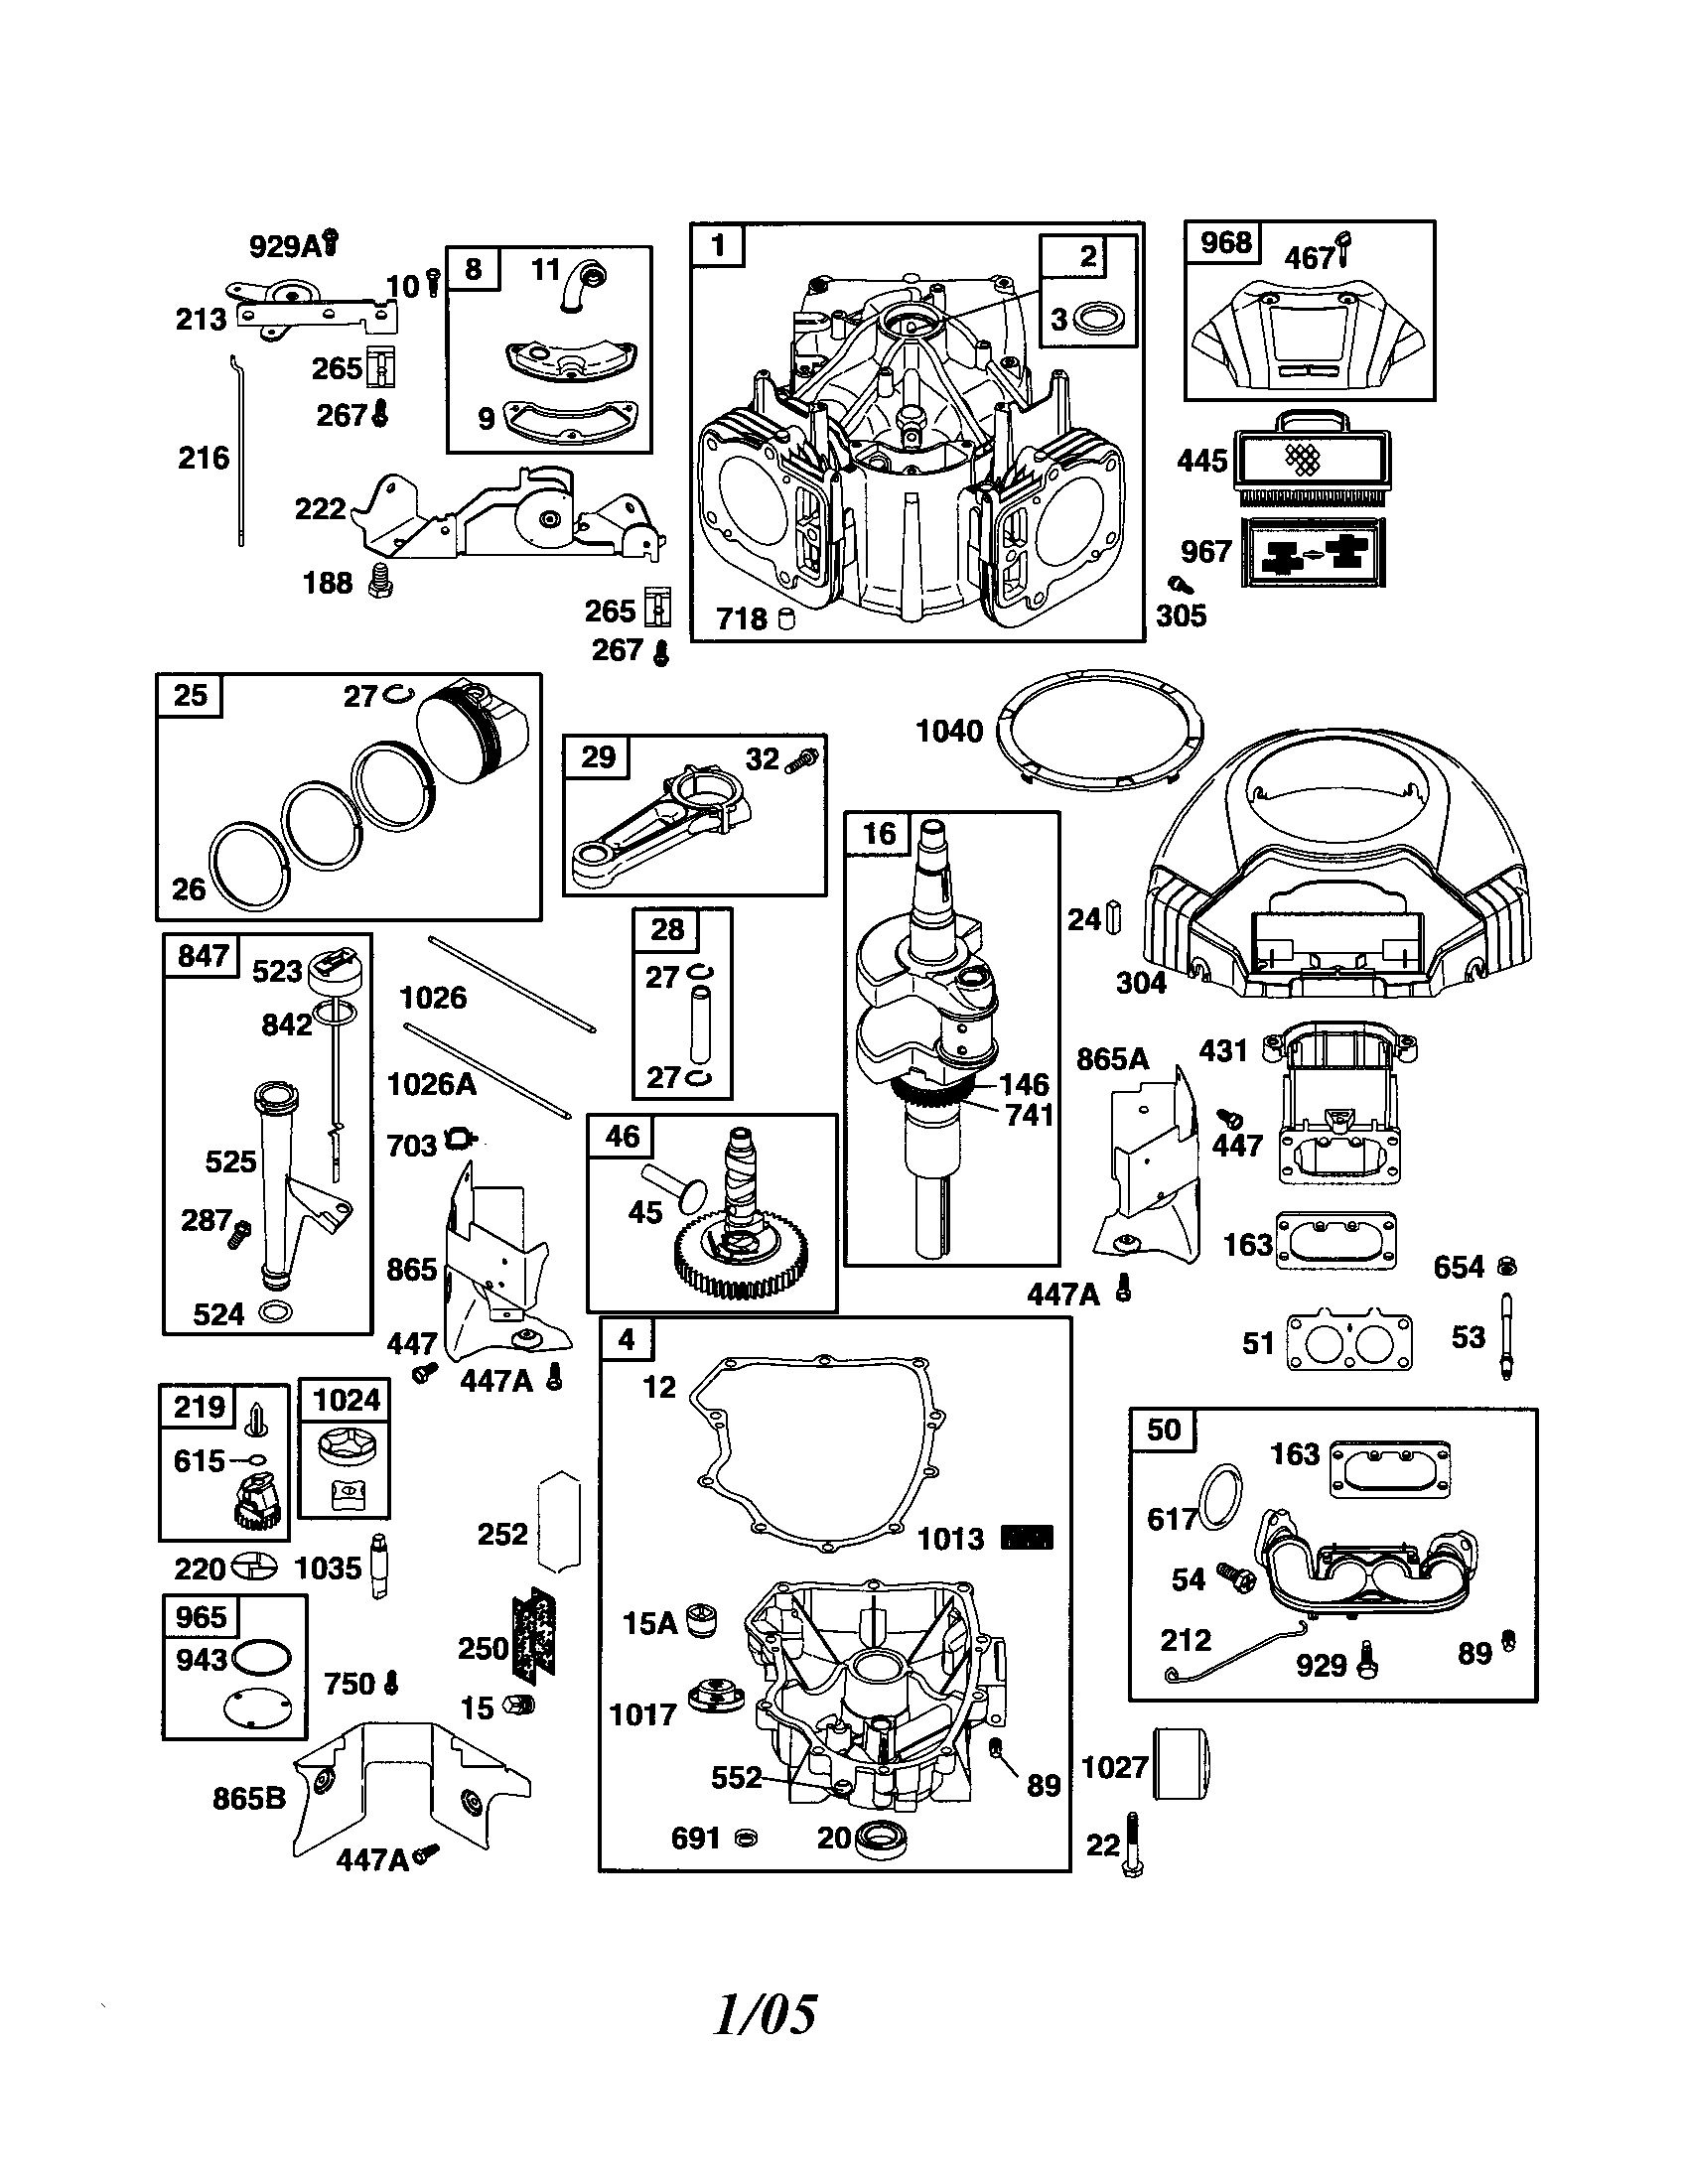 briggs and stratton engine schematic 0471 e1